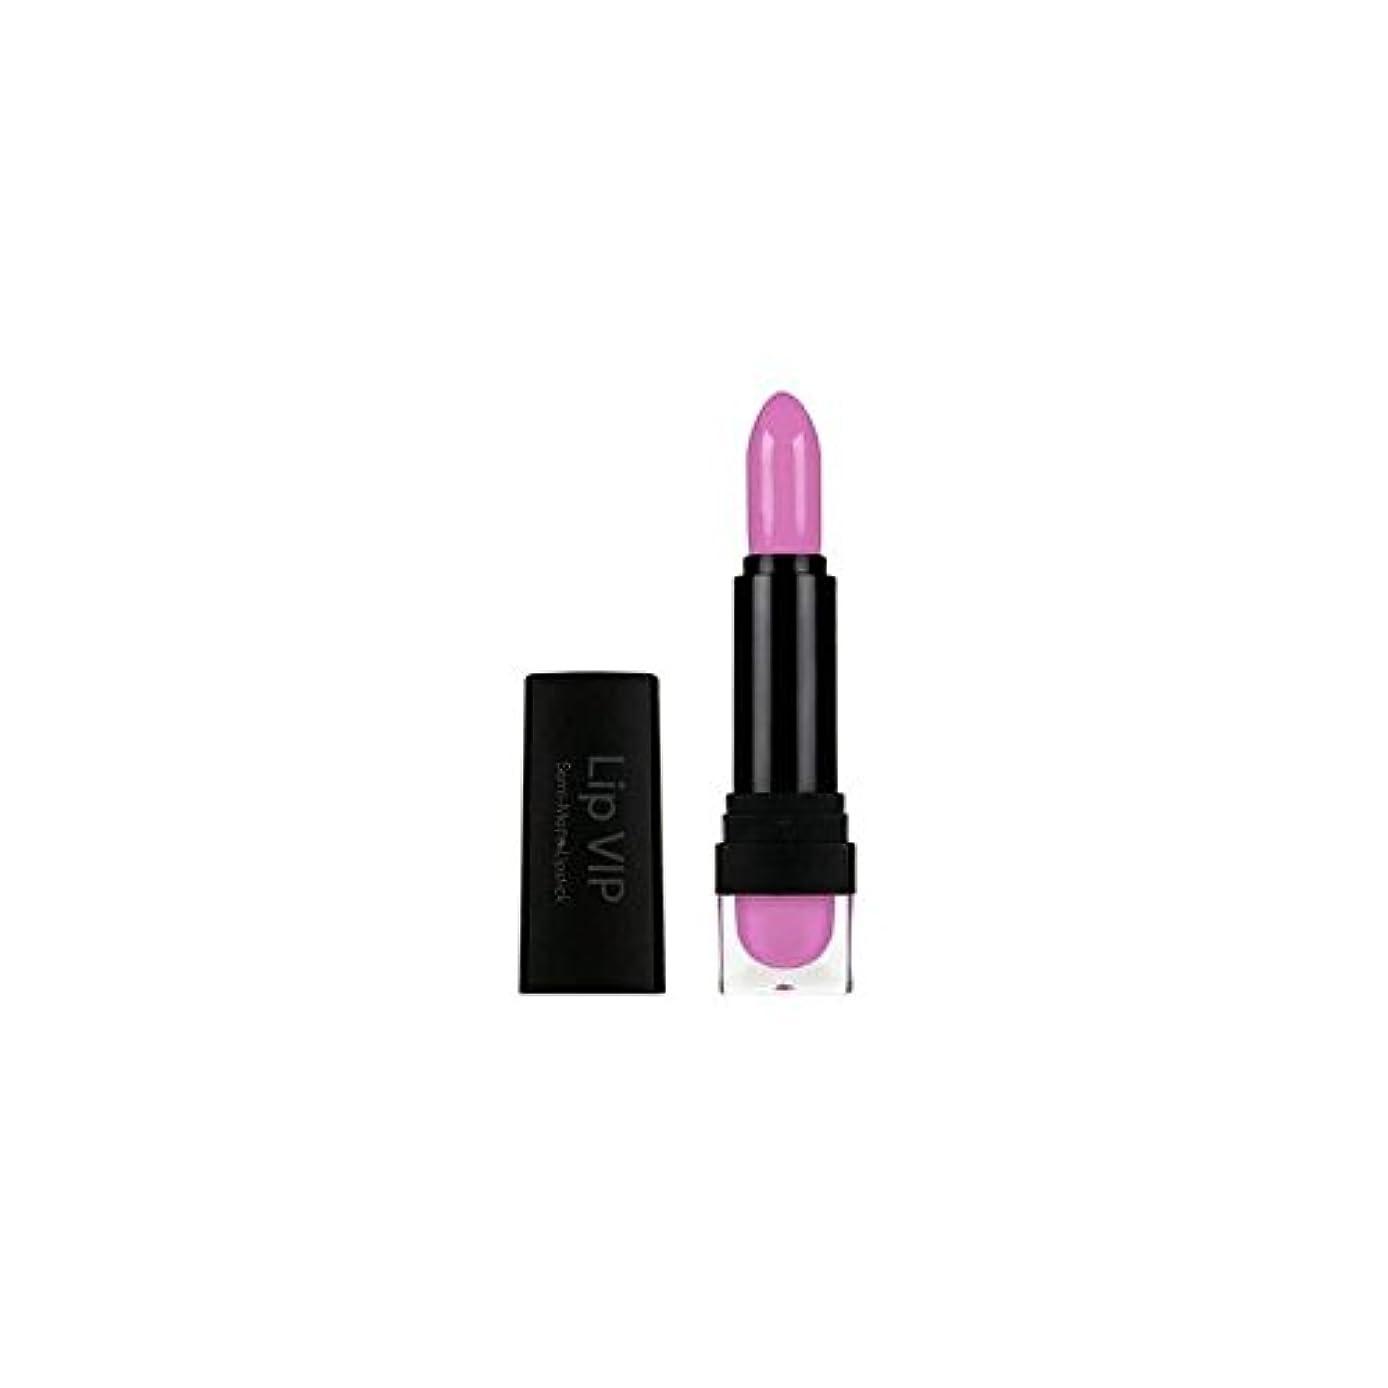 引用関係ない事Sleek Whimsical Collection Lip V.I.P Big Shot - なめらかな気まぐれなコレクションリップ..大物 [並行輸入品]